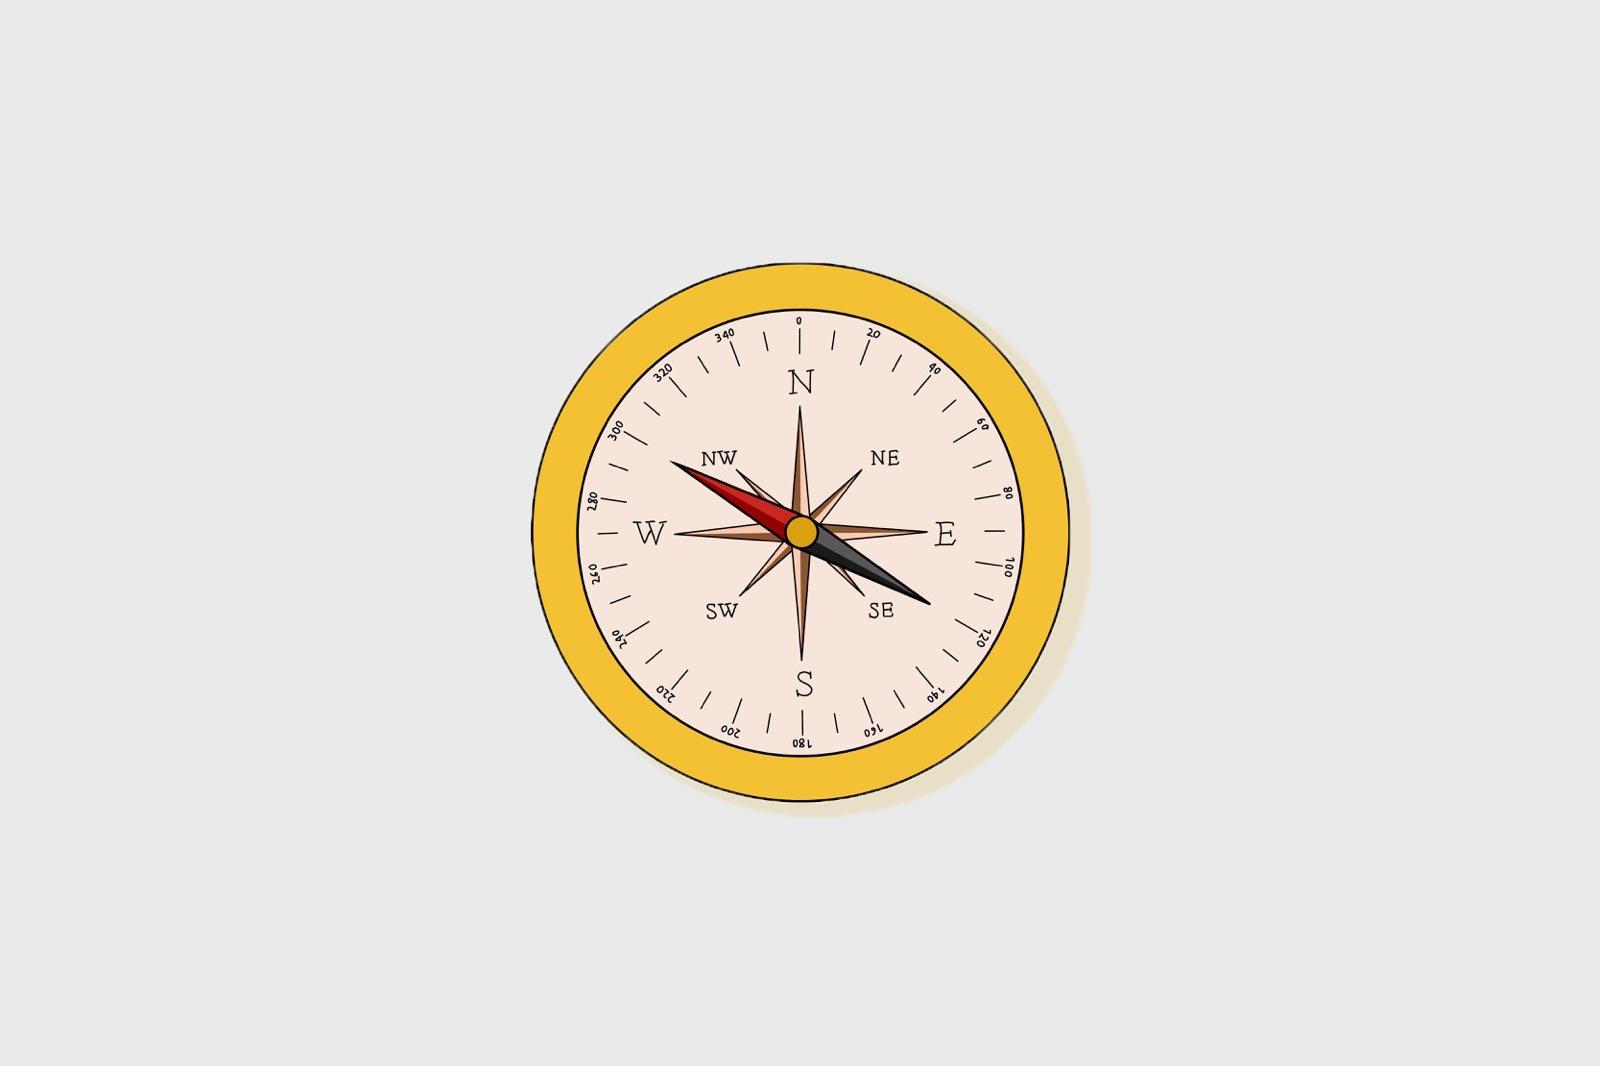 Ein gemeinsamer Kompass, der Ausschlag deiner Kompassnadel zeigt uns die Richtung. Ein gemeinsamer Kompass.